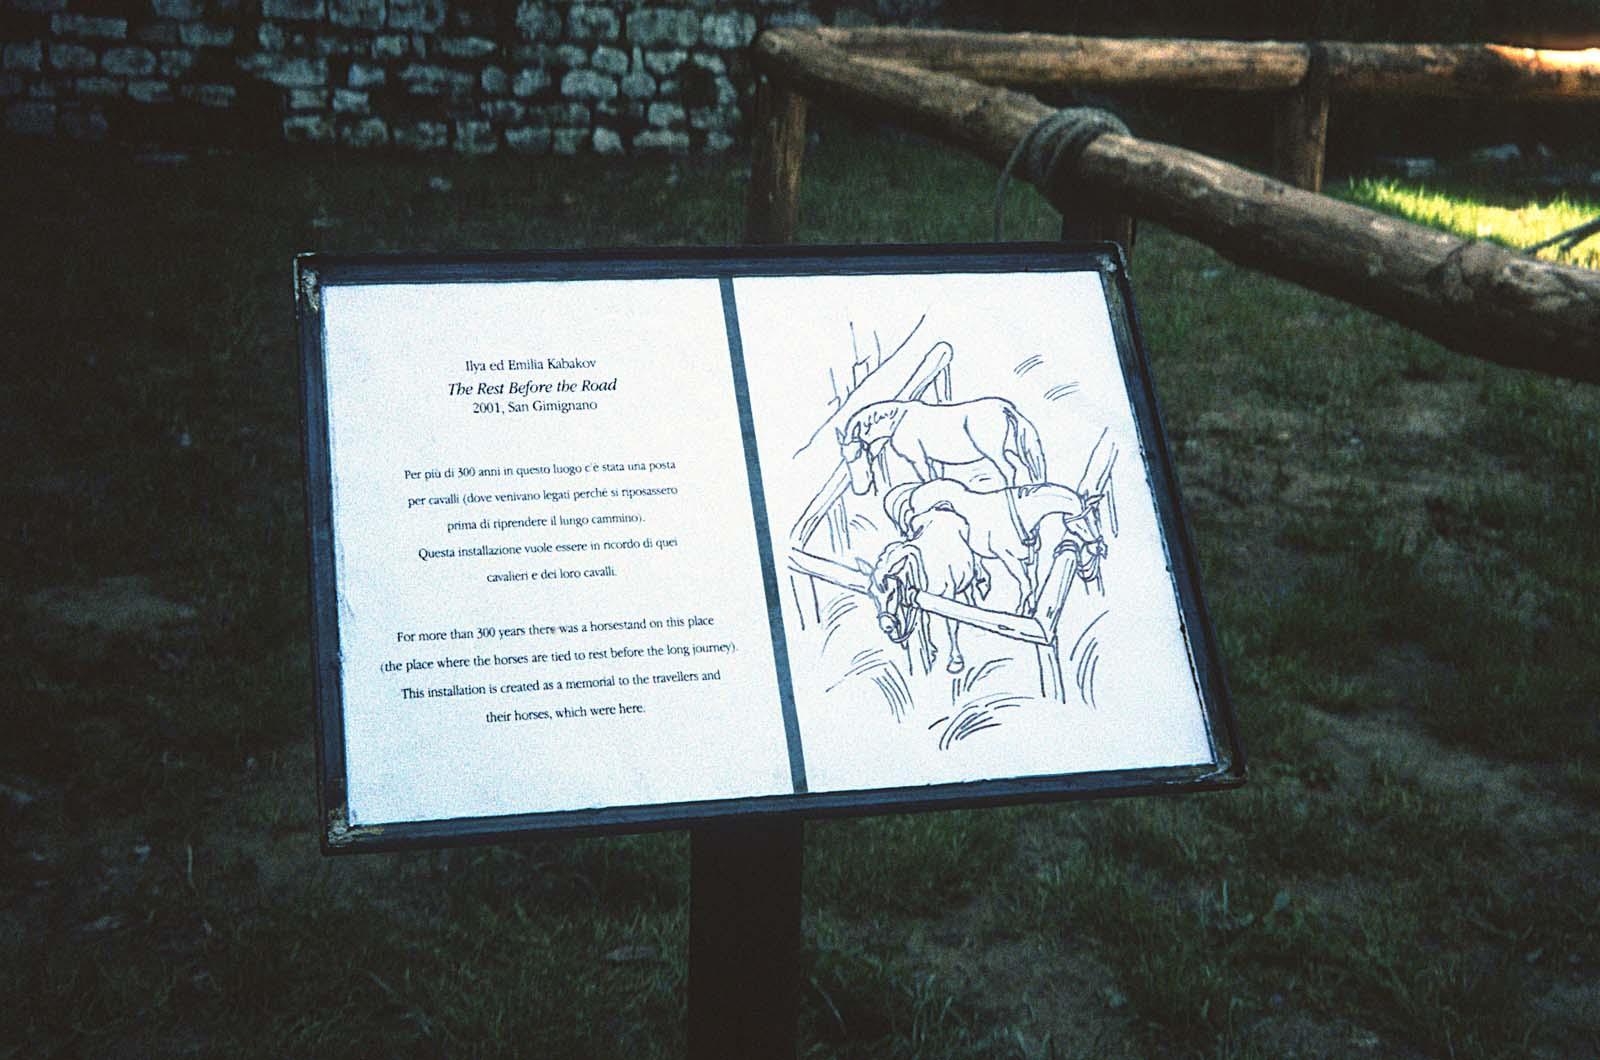 Detail-of-installationText-board-San-Gimignano-2001-2.jpg